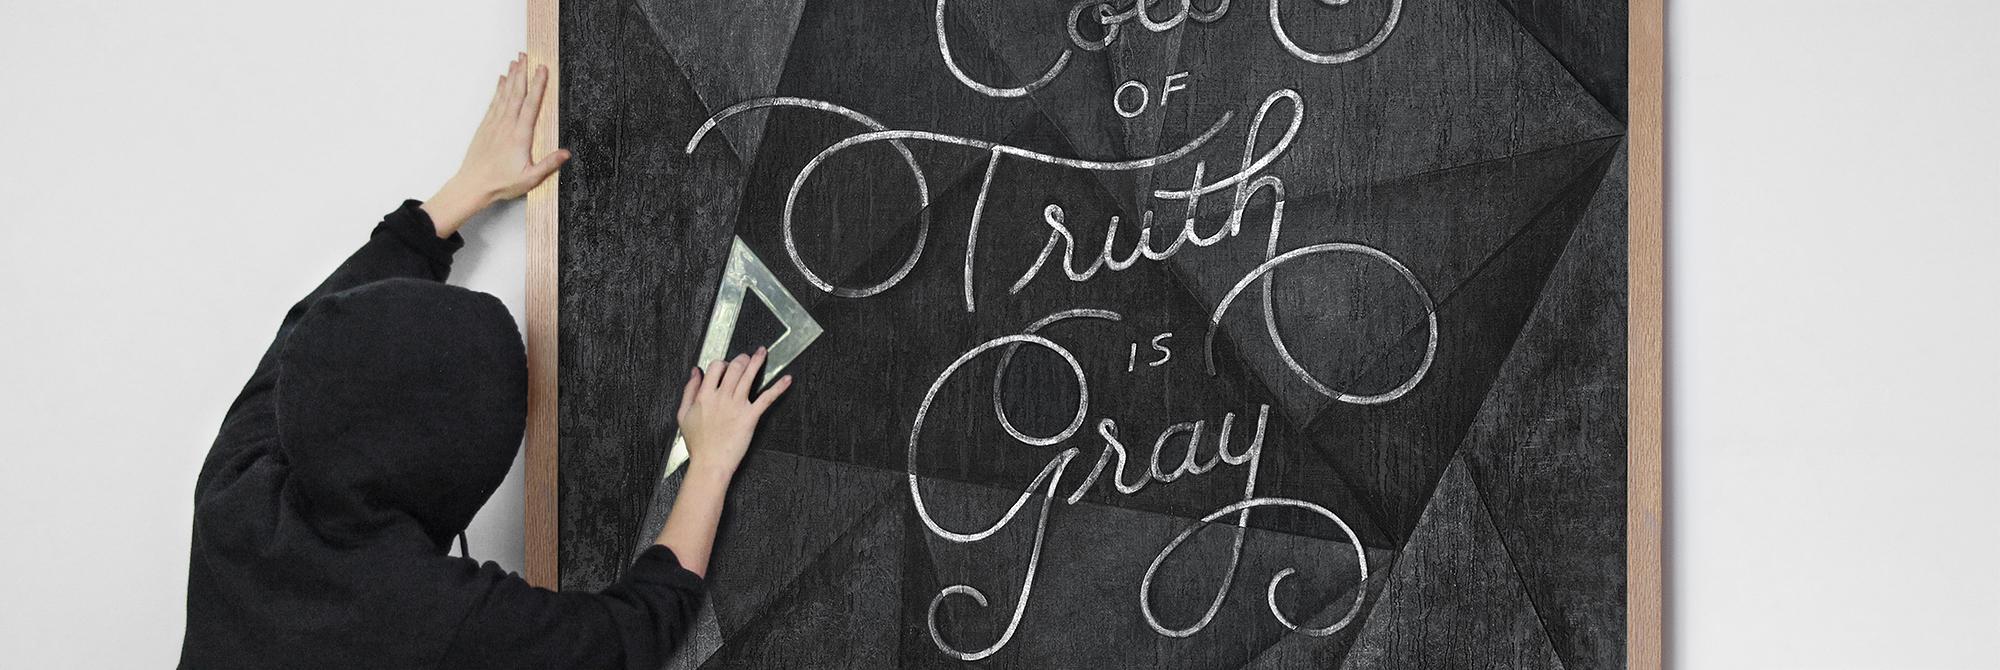 André Gide Chalkboard, 4x6 feet